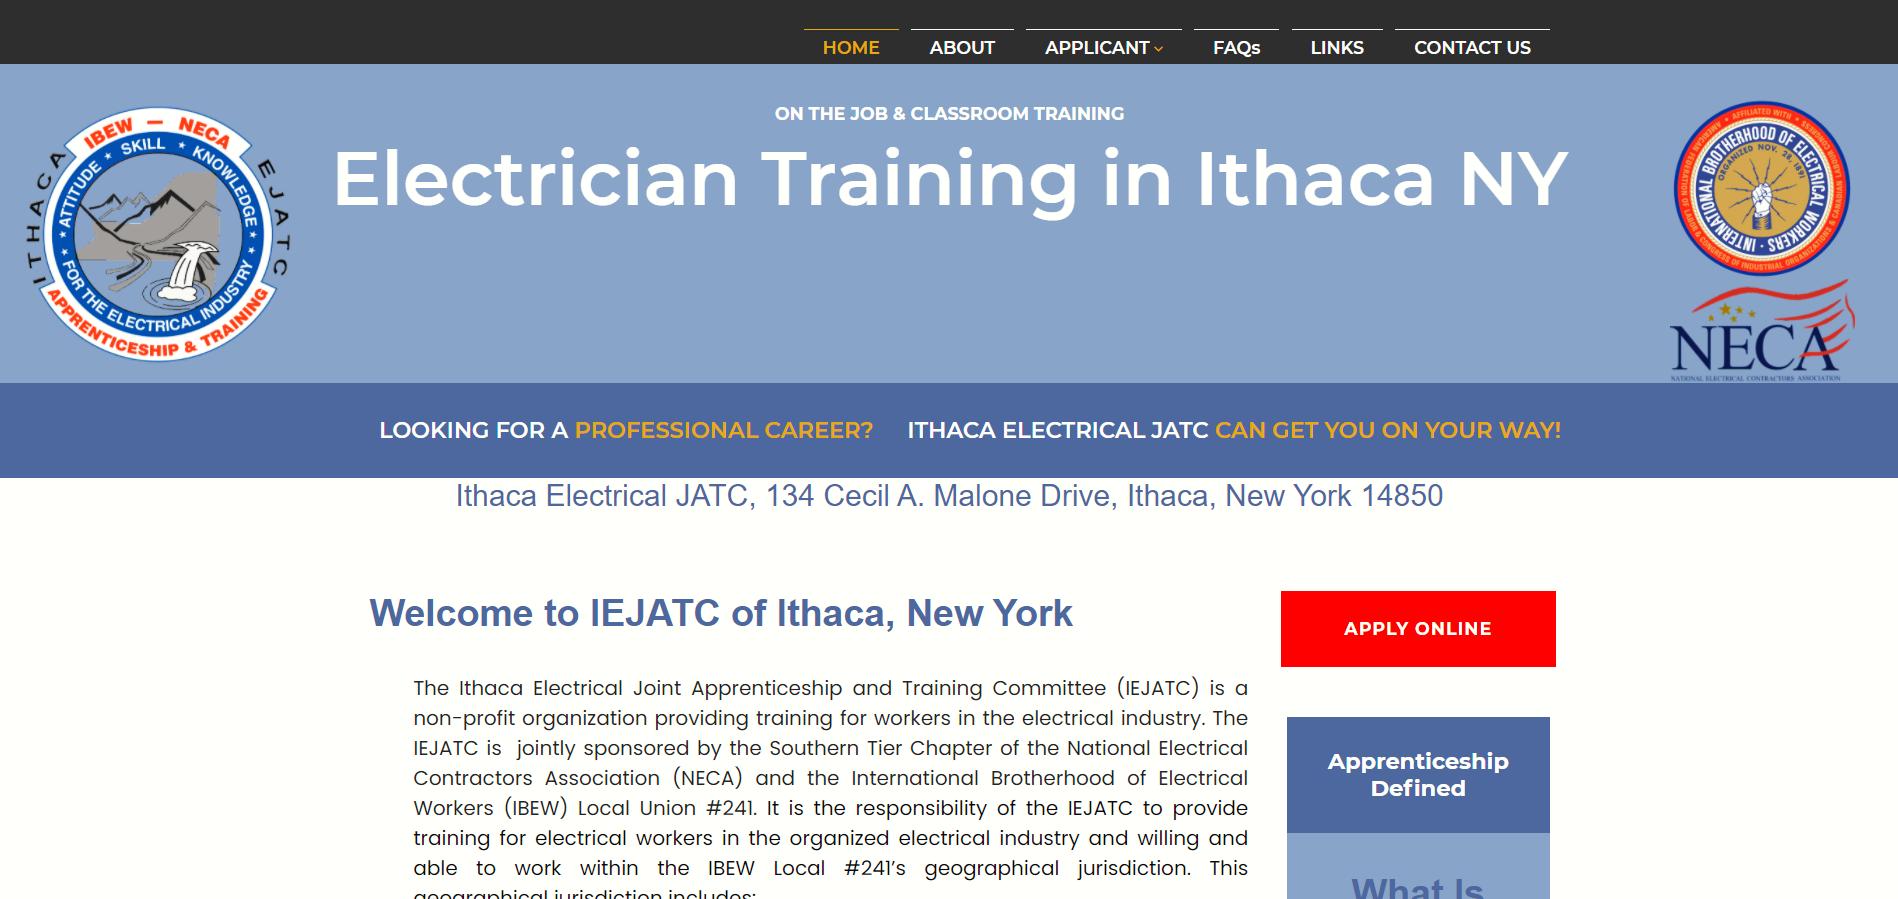 ithaca ny jatc